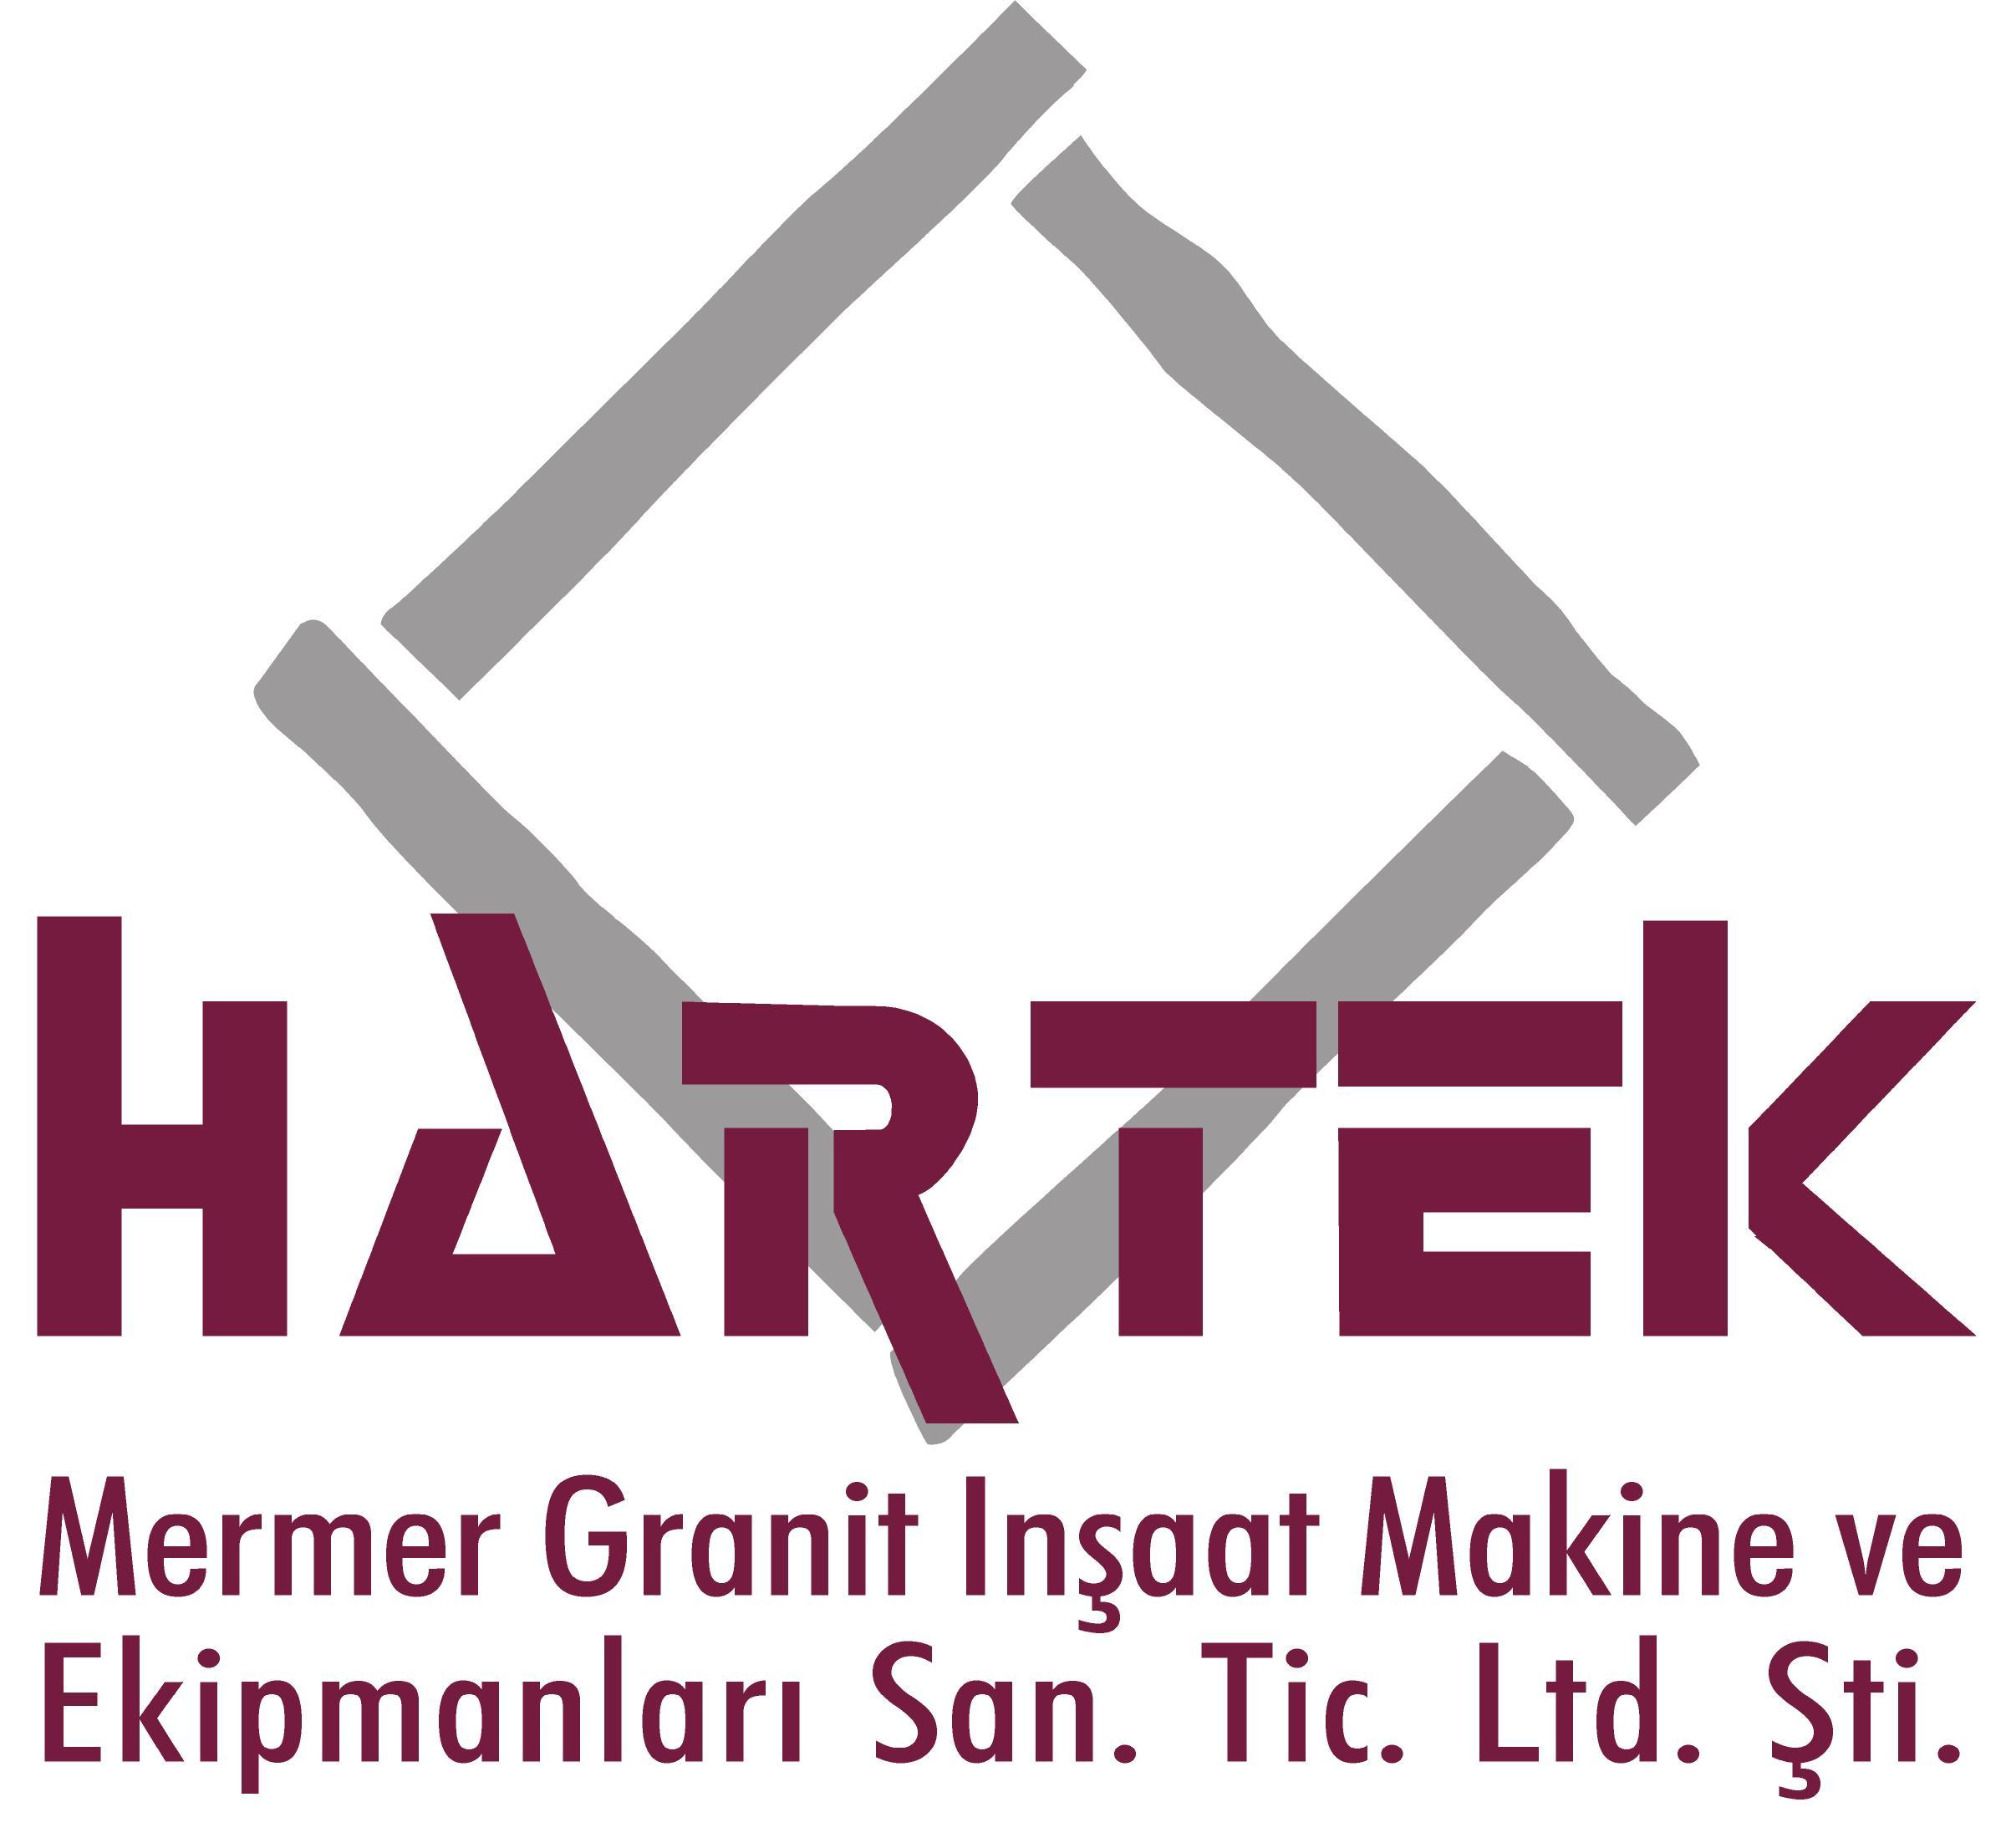 Hartek Mermer Granit İnşaat Makina Ekipmanları Sanayi ve Ticaret Ltd.Şti., HARTEK